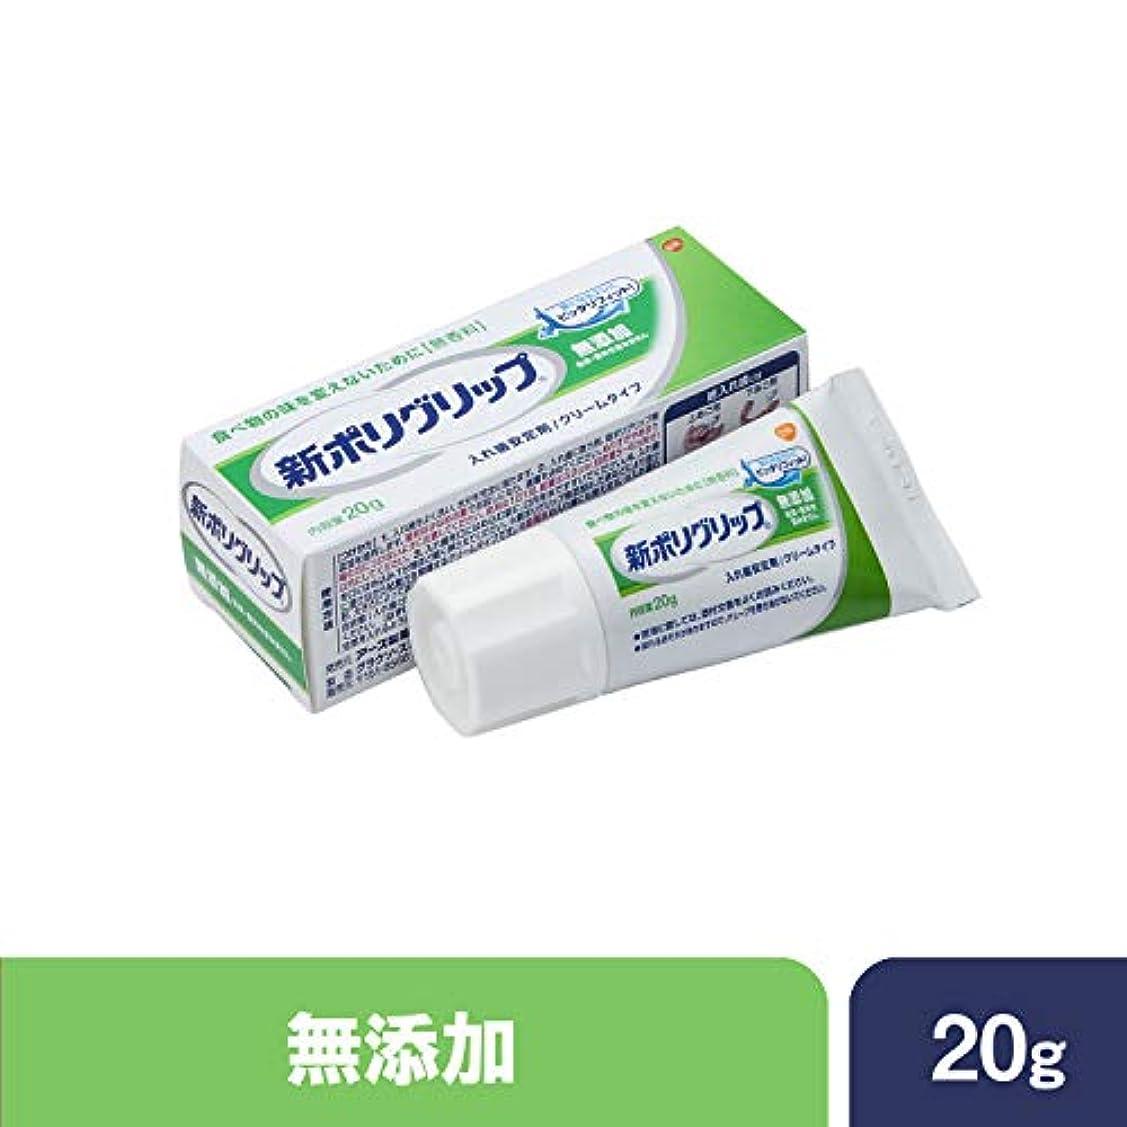 占める不正直水没部分?総入れ歯安定剤 新ポリグリップ 無添加(色素?香料を含みません) 20g